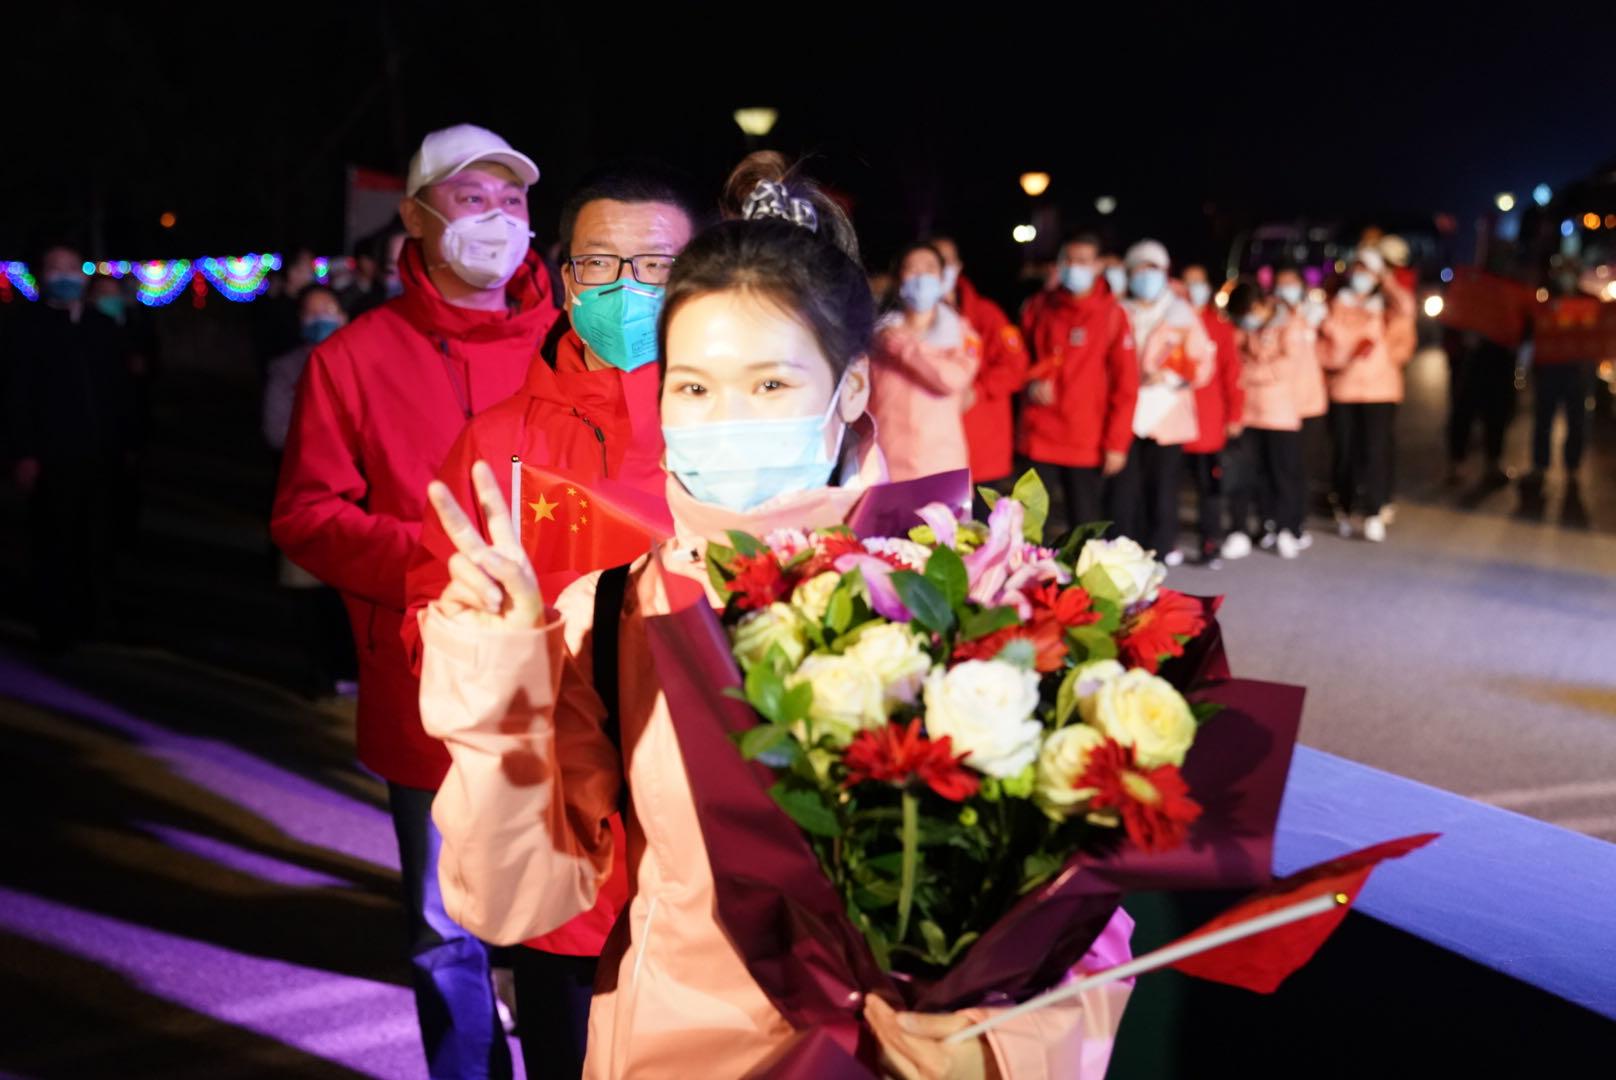 首批返京援鄂医疗队员抵达全总国际交流中心隔离休养